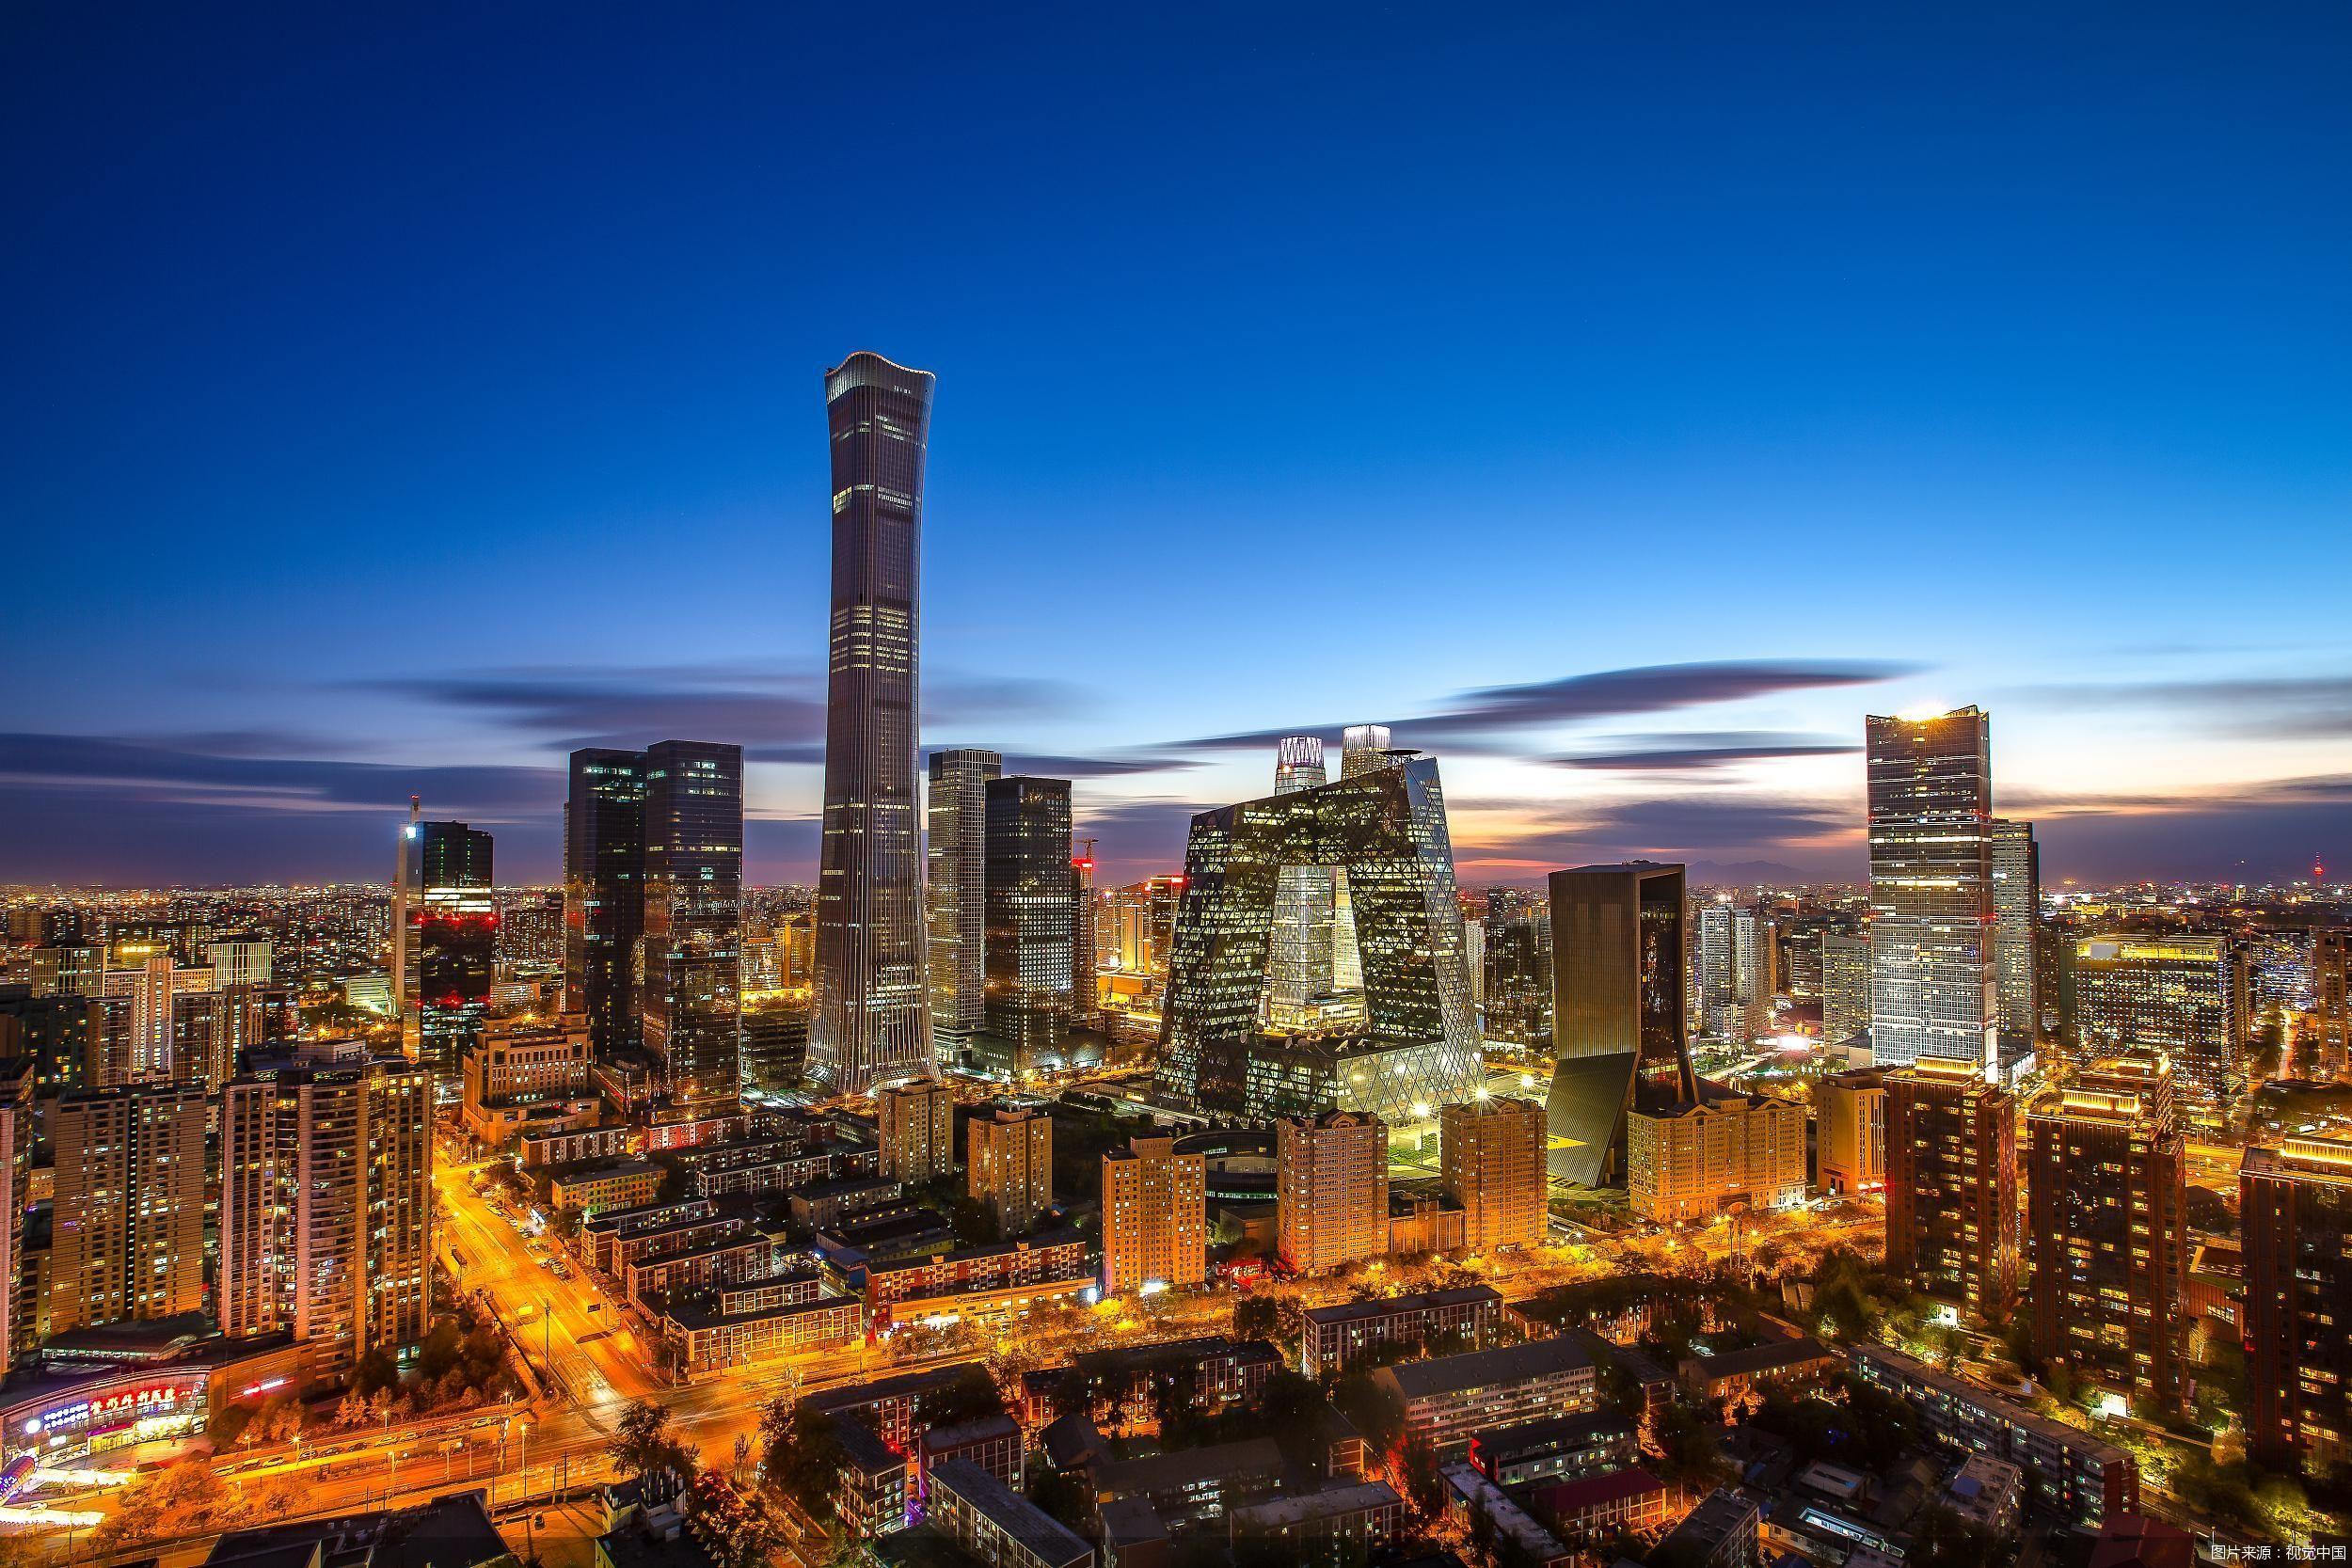 《北京市优化营商环境条例》实施一年:超八成受访企业对北京营商环境总体满意